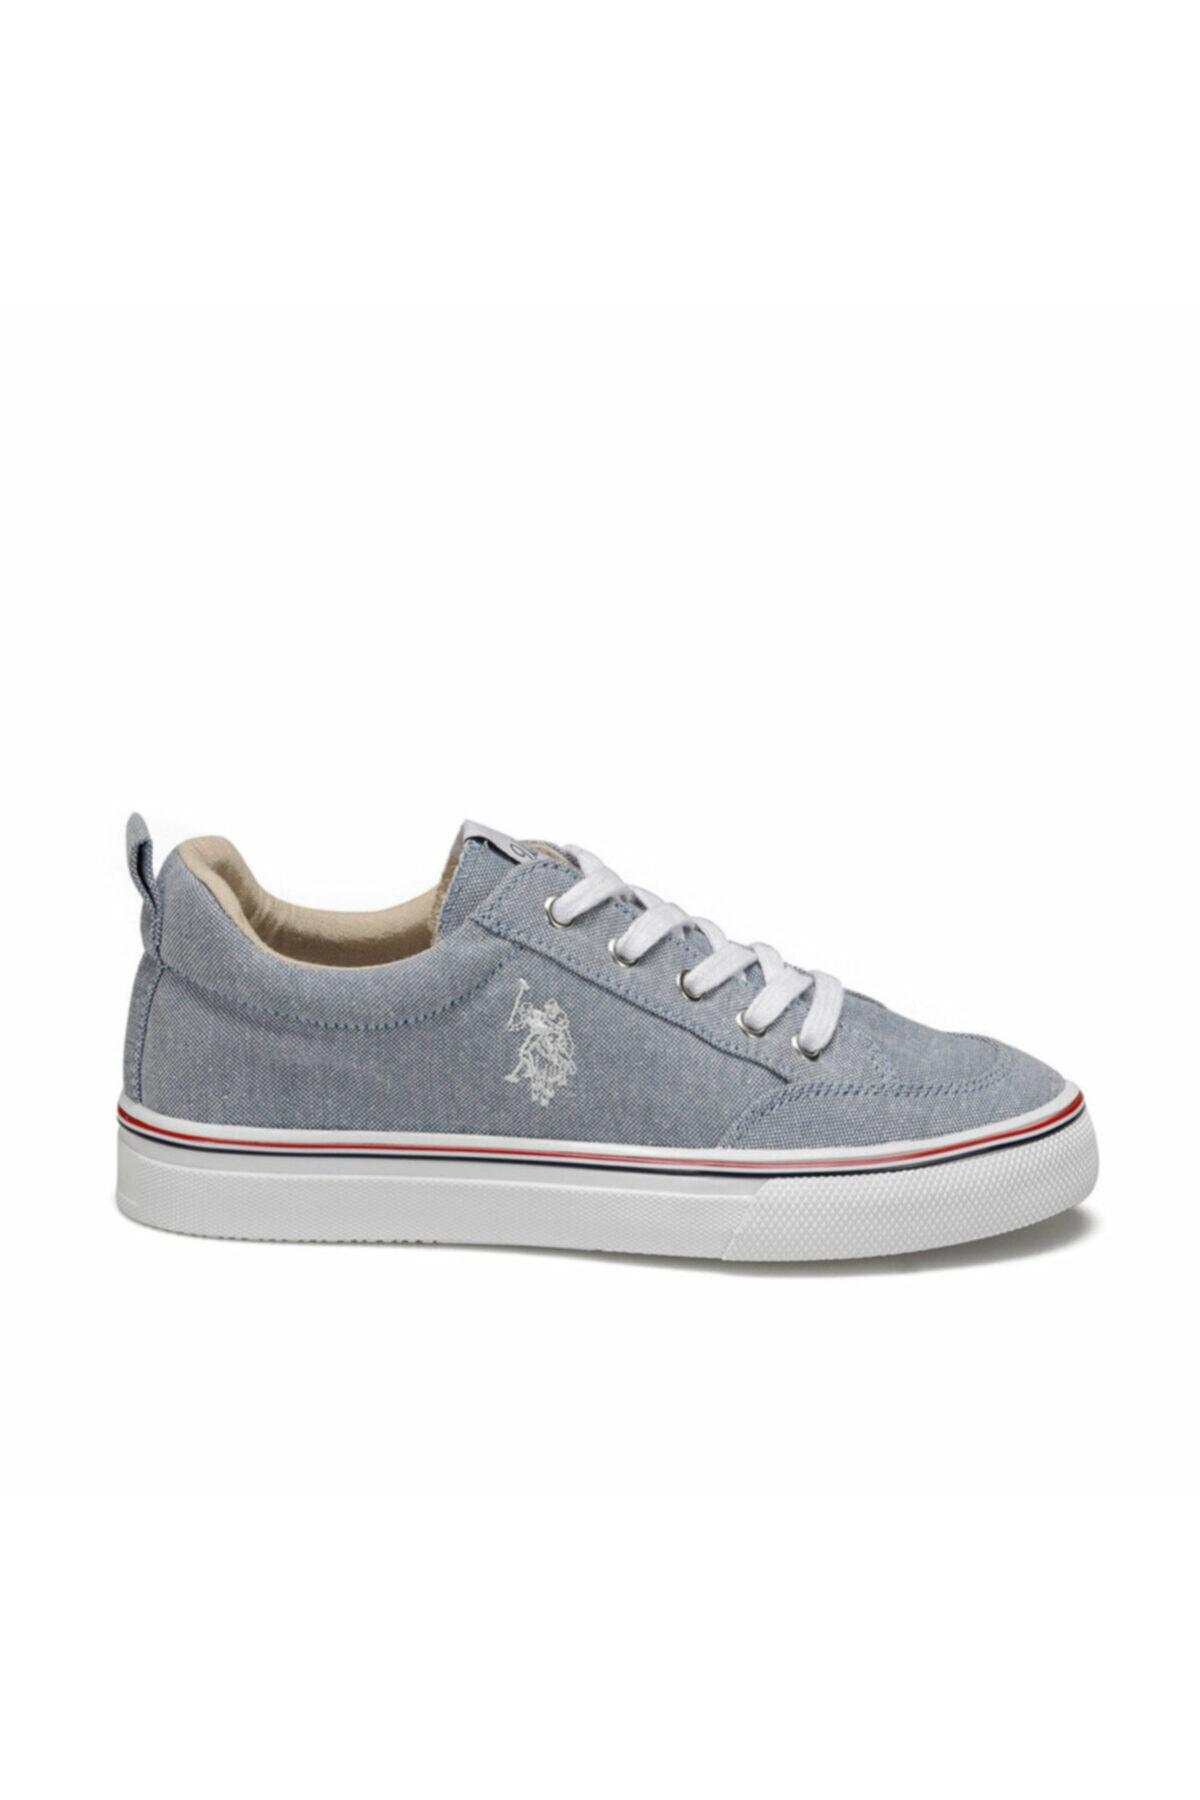 CAROL Lacivert Kadın Sneaker Ayakkabı 100367582